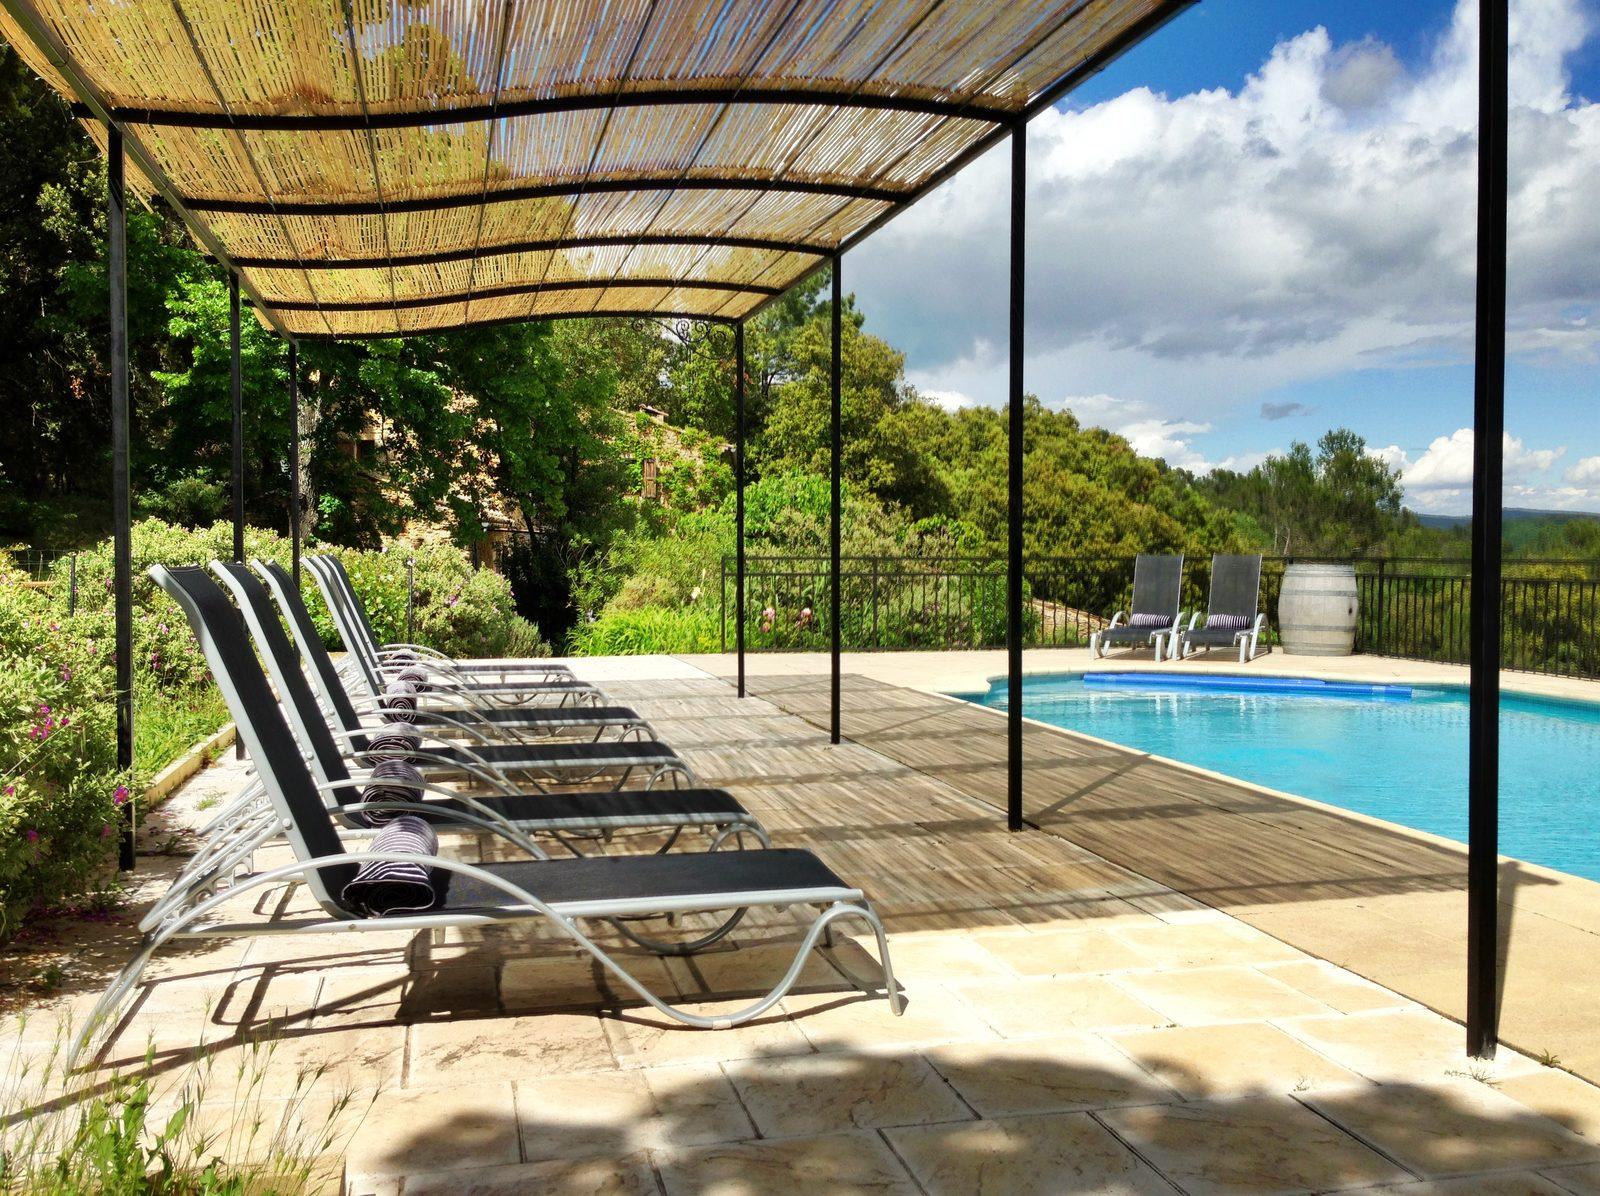 Vakantie, vakantiehuis, safaritent, glamping, zwembad, gîte